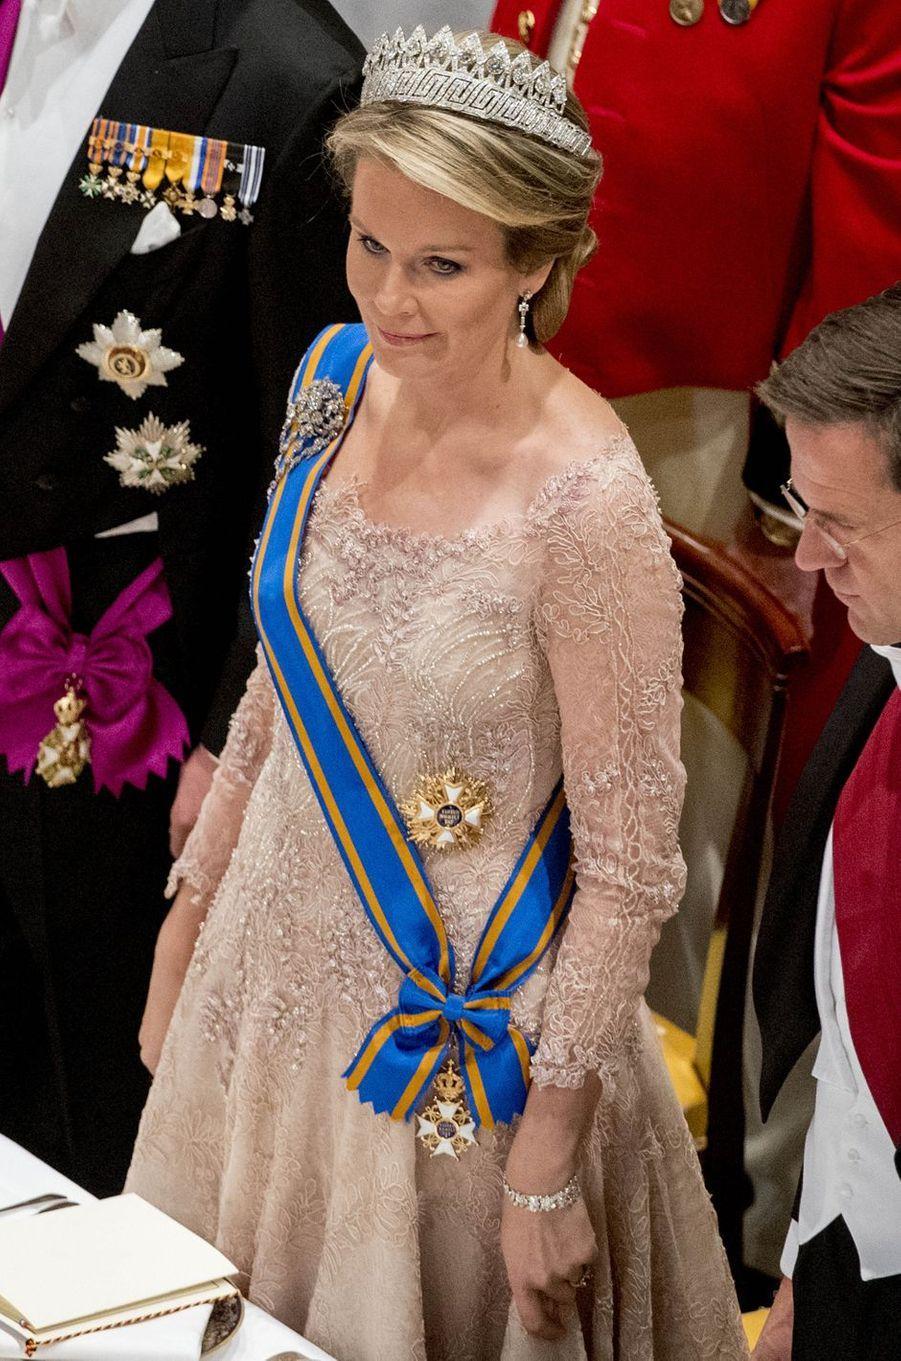 La reine Mathilde de Belgique au Palais royal à Amsterdam, le 28 novembre 2016